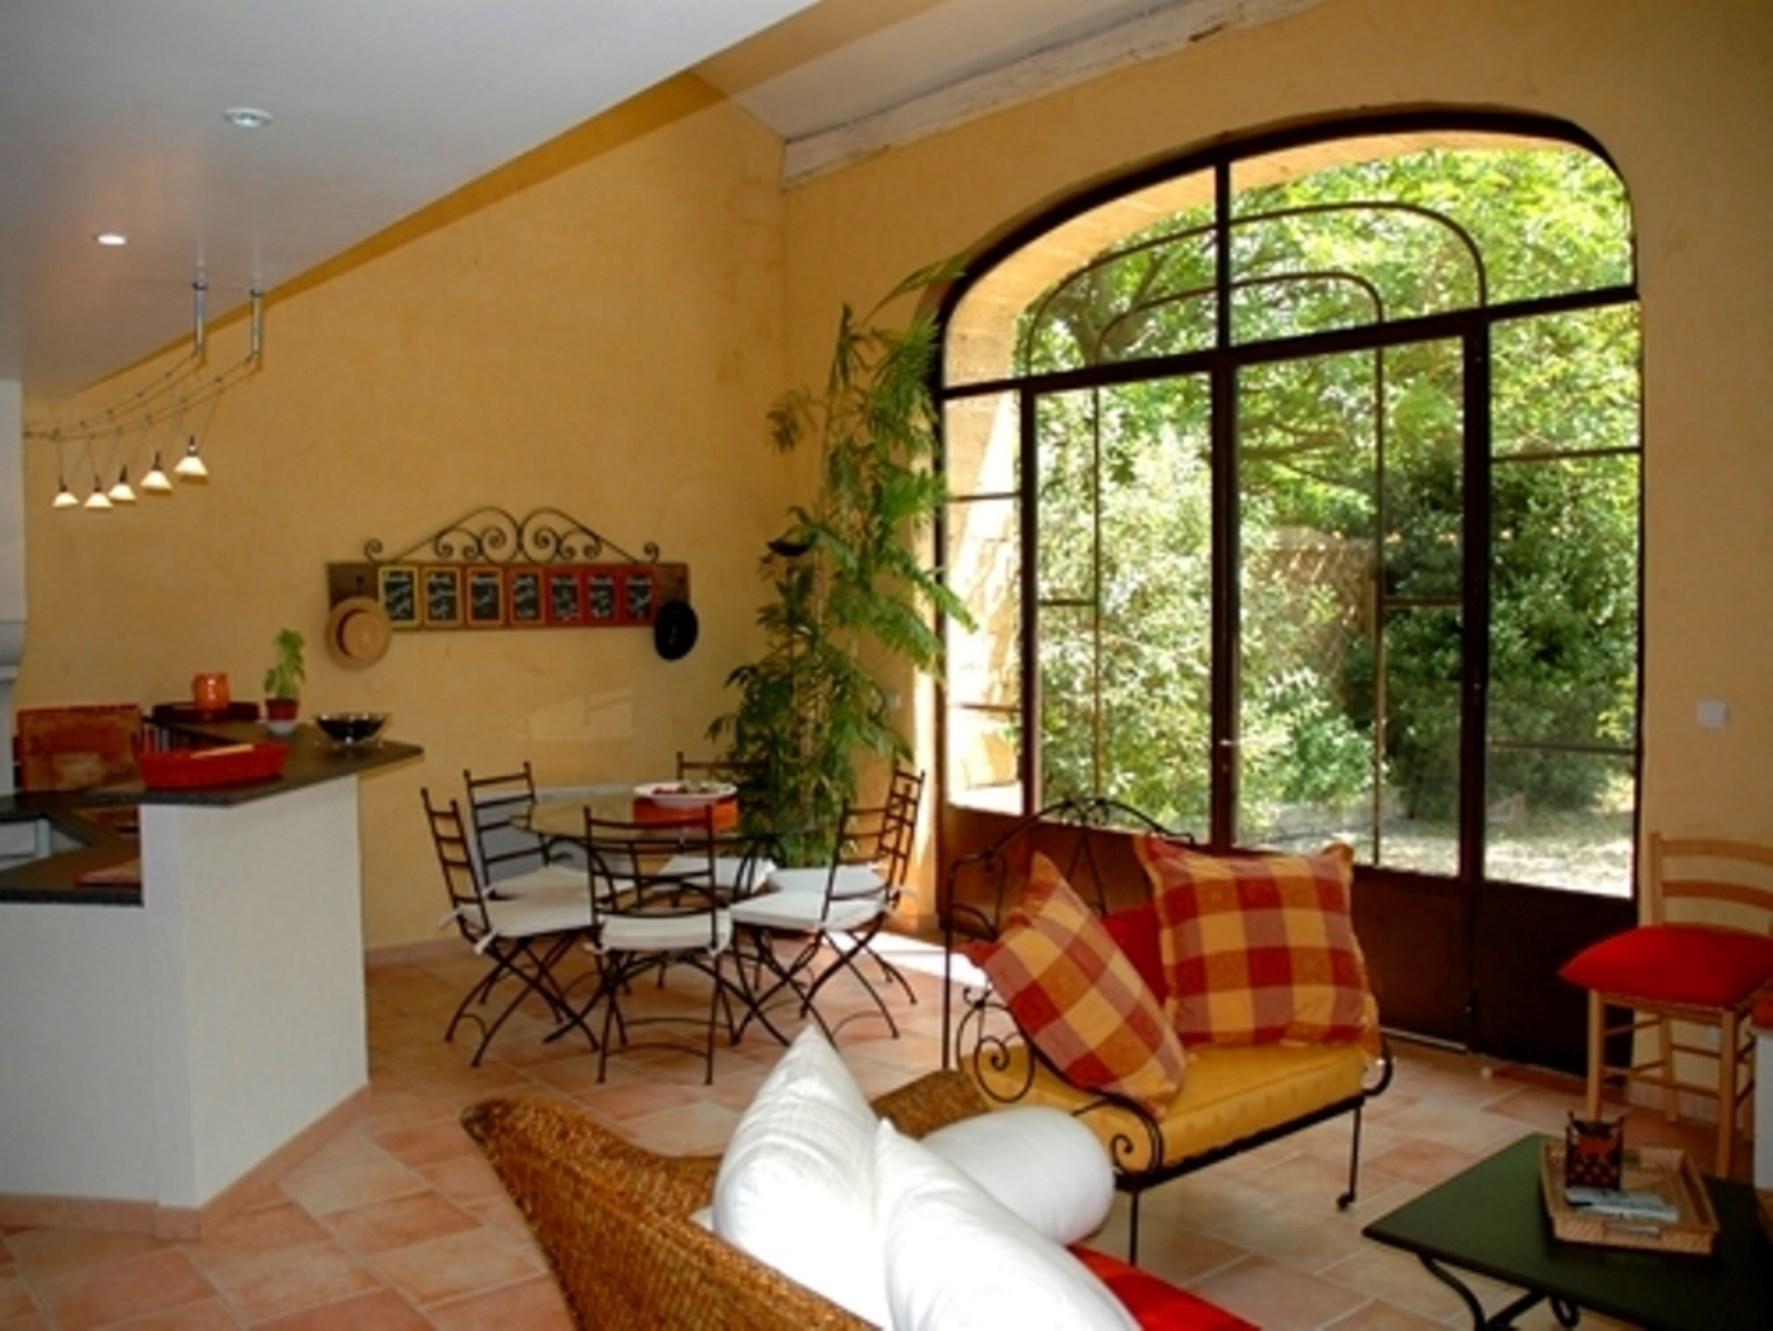 A vendre en Pays des Sorgues, en Provence, beau mas avec piscine